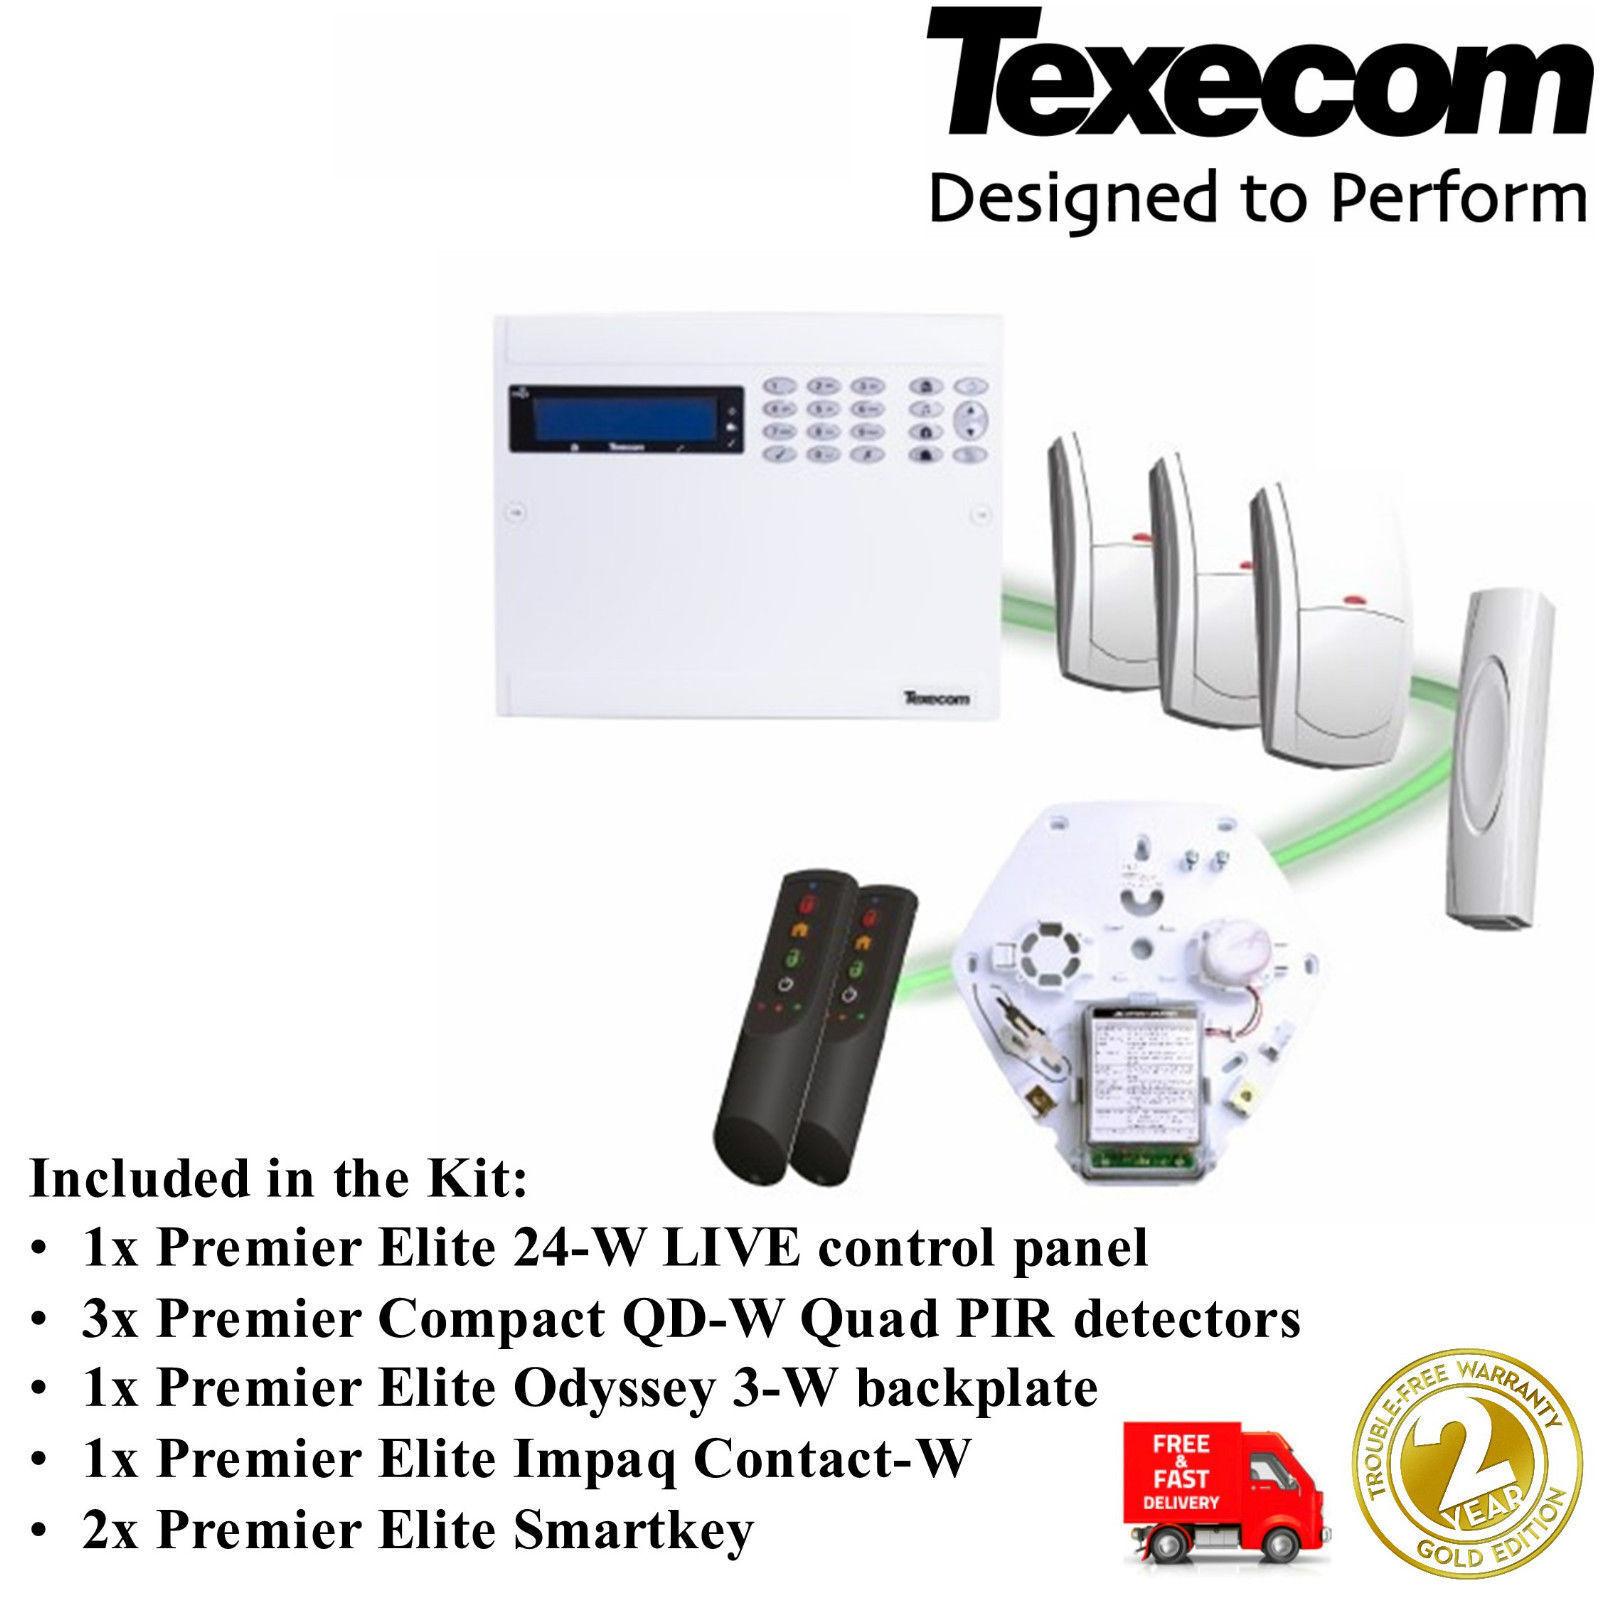 Texecom Premier Elite 24-W Live Kit-Panel, Teclado, 3xPIR, 2xKEY, 1 xdoor contacto Etc